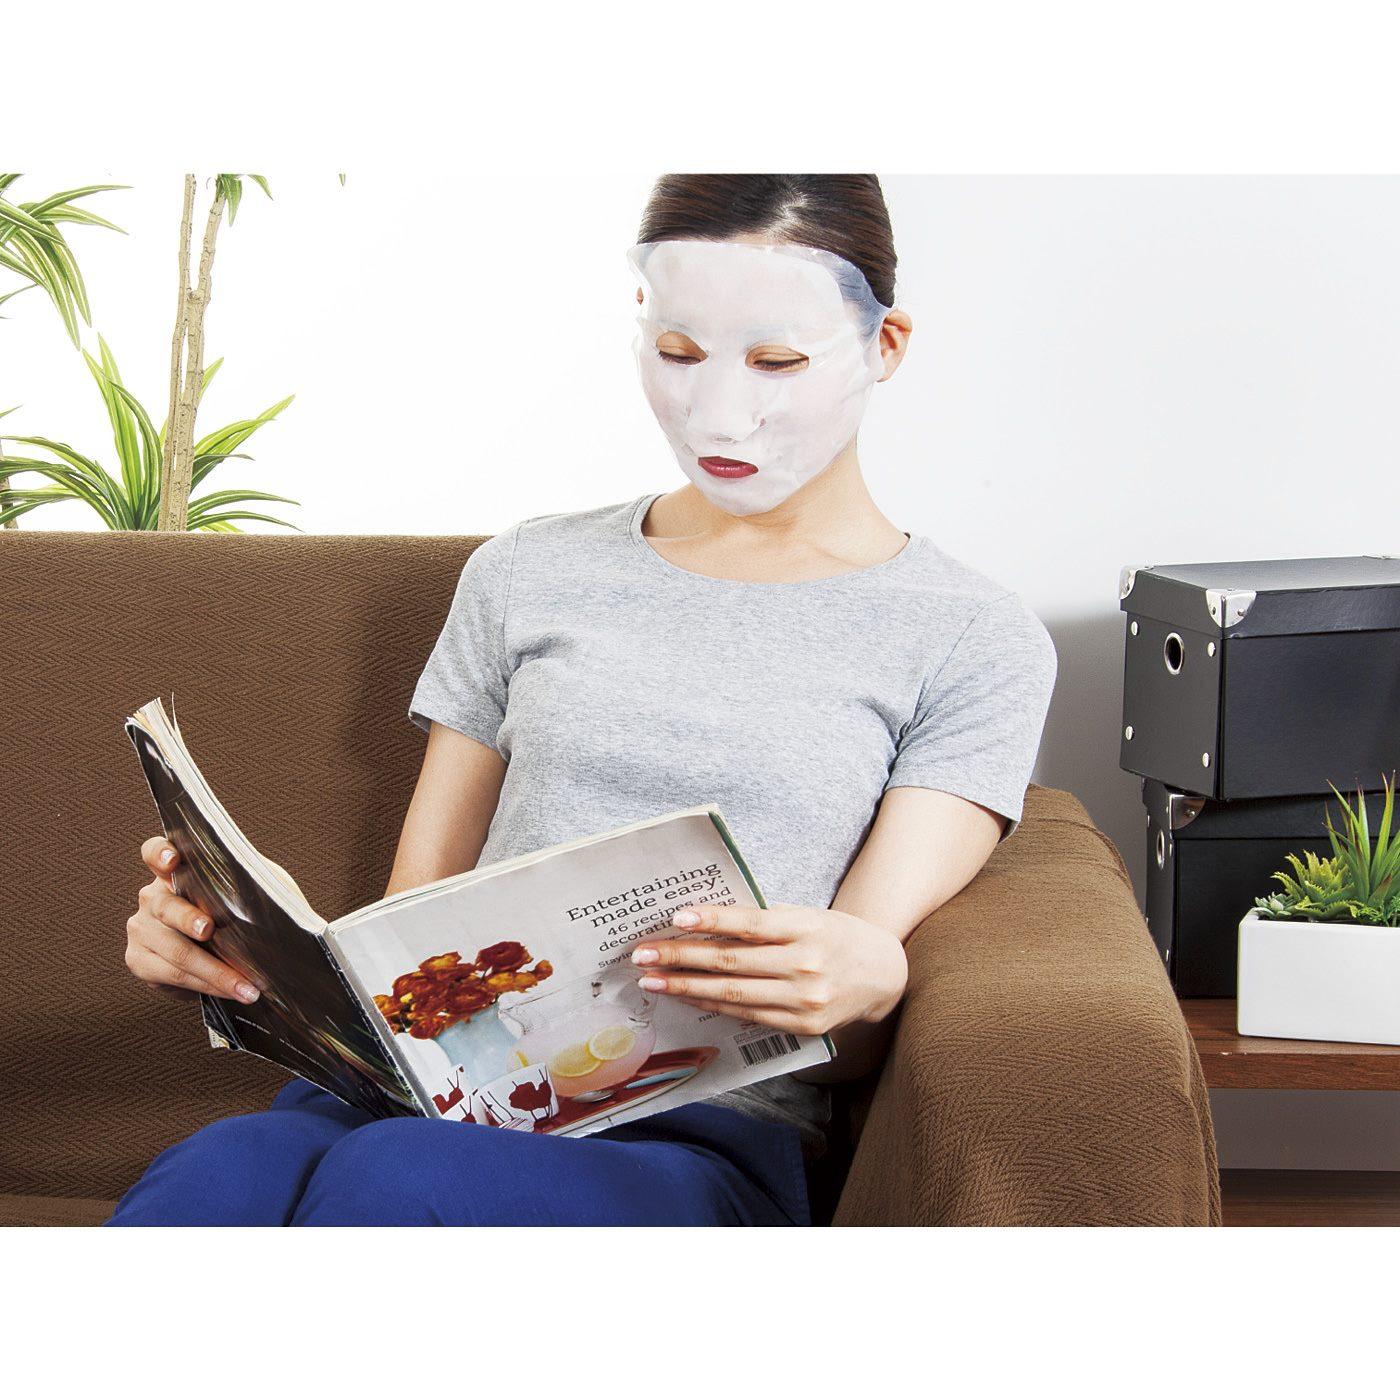 家事やリラックスタイムにぴったりな「ながらパック」。顔に密着してずれにくいラップマスクならではです。